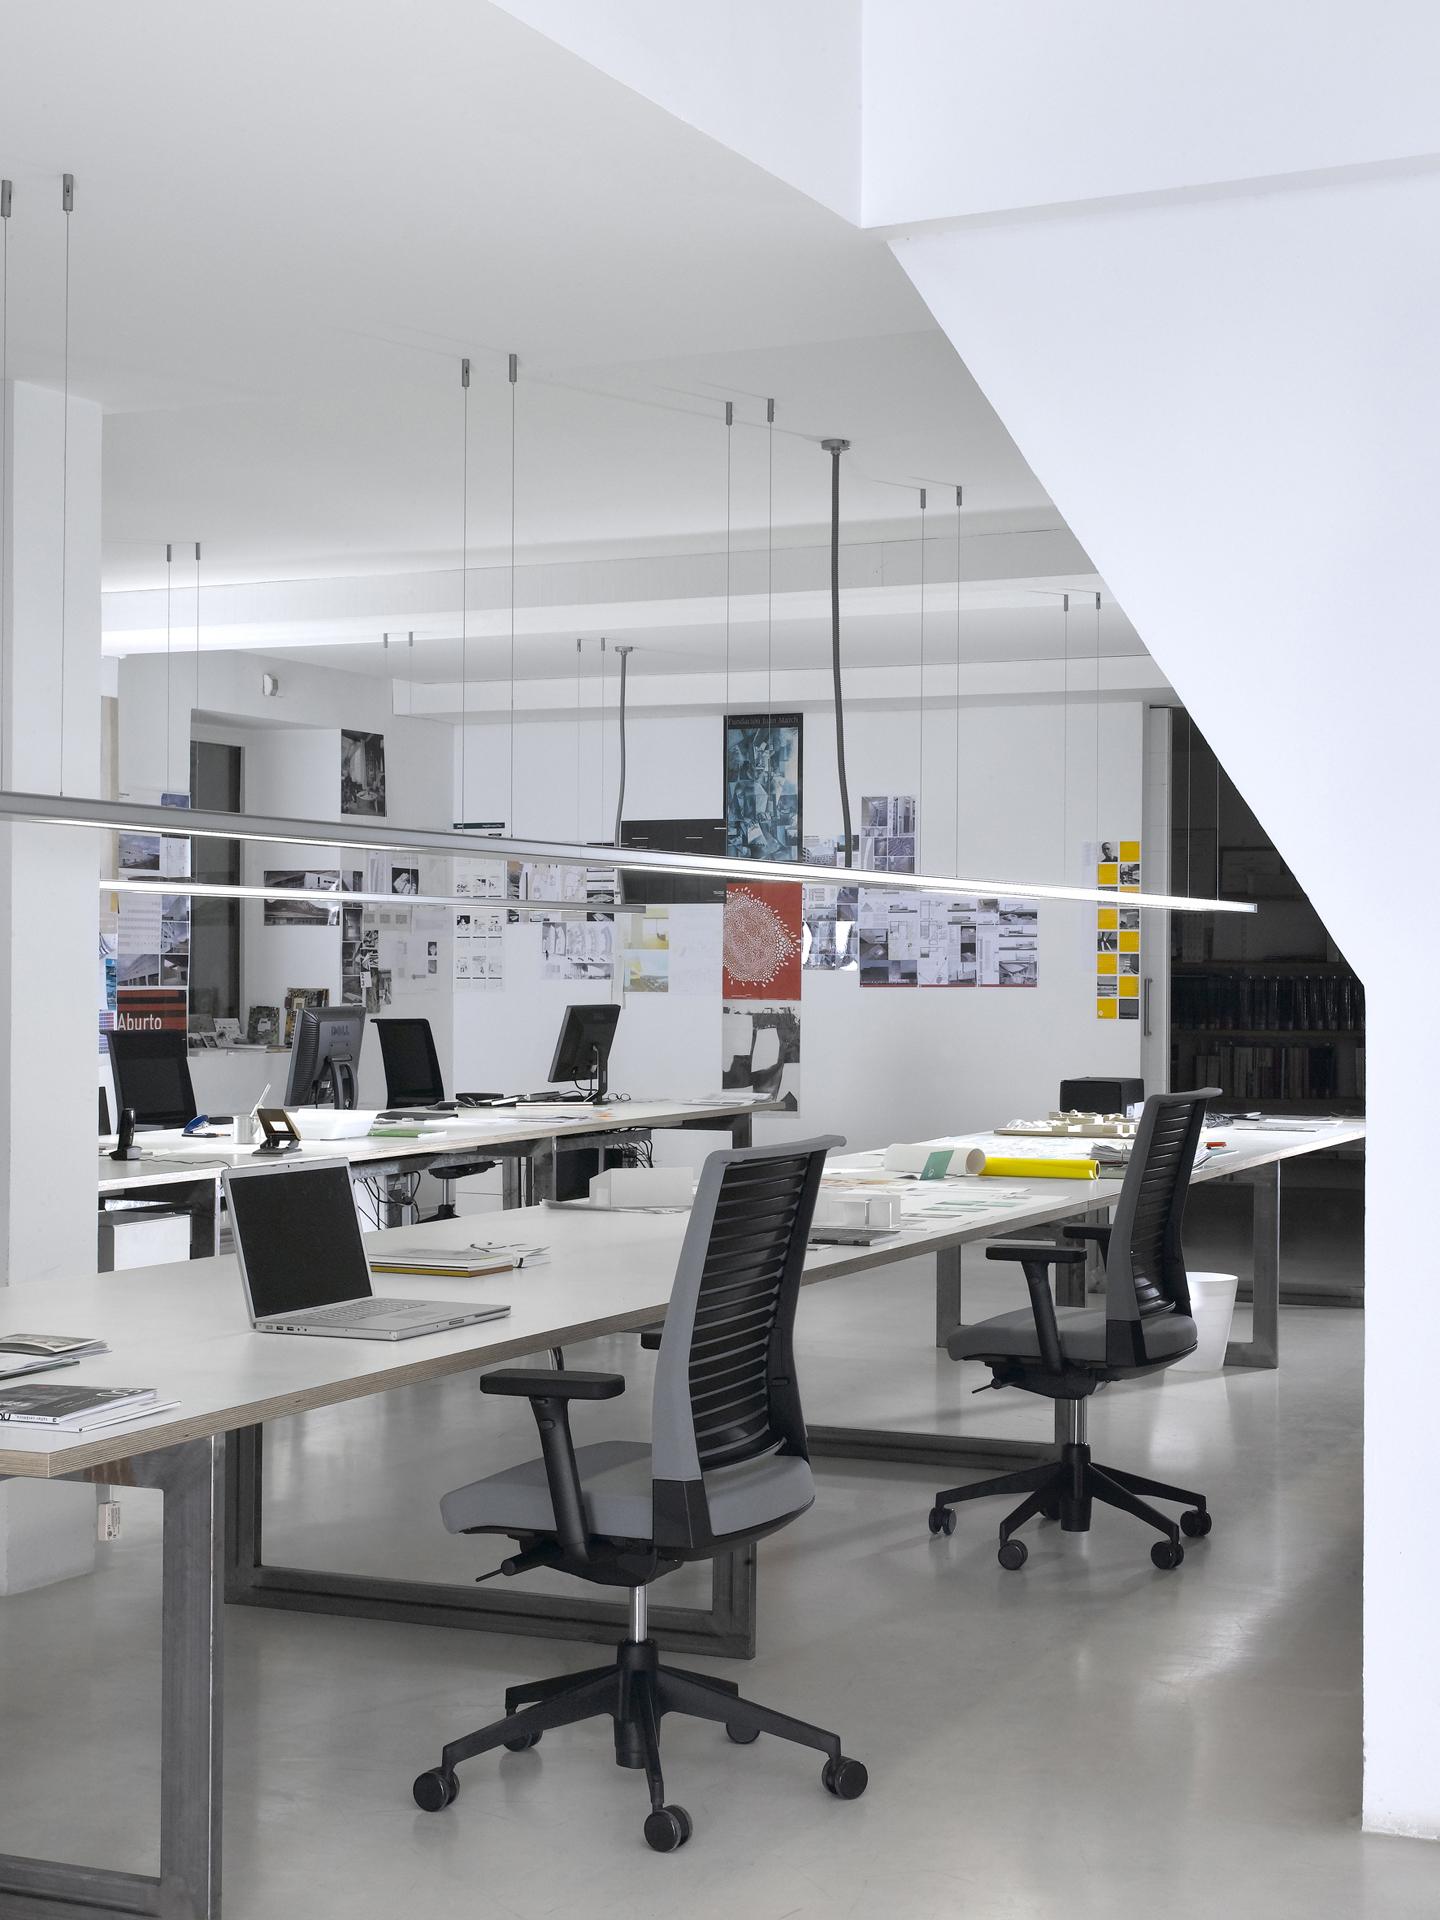 silleria oficina galeria1 - silleria de oficina